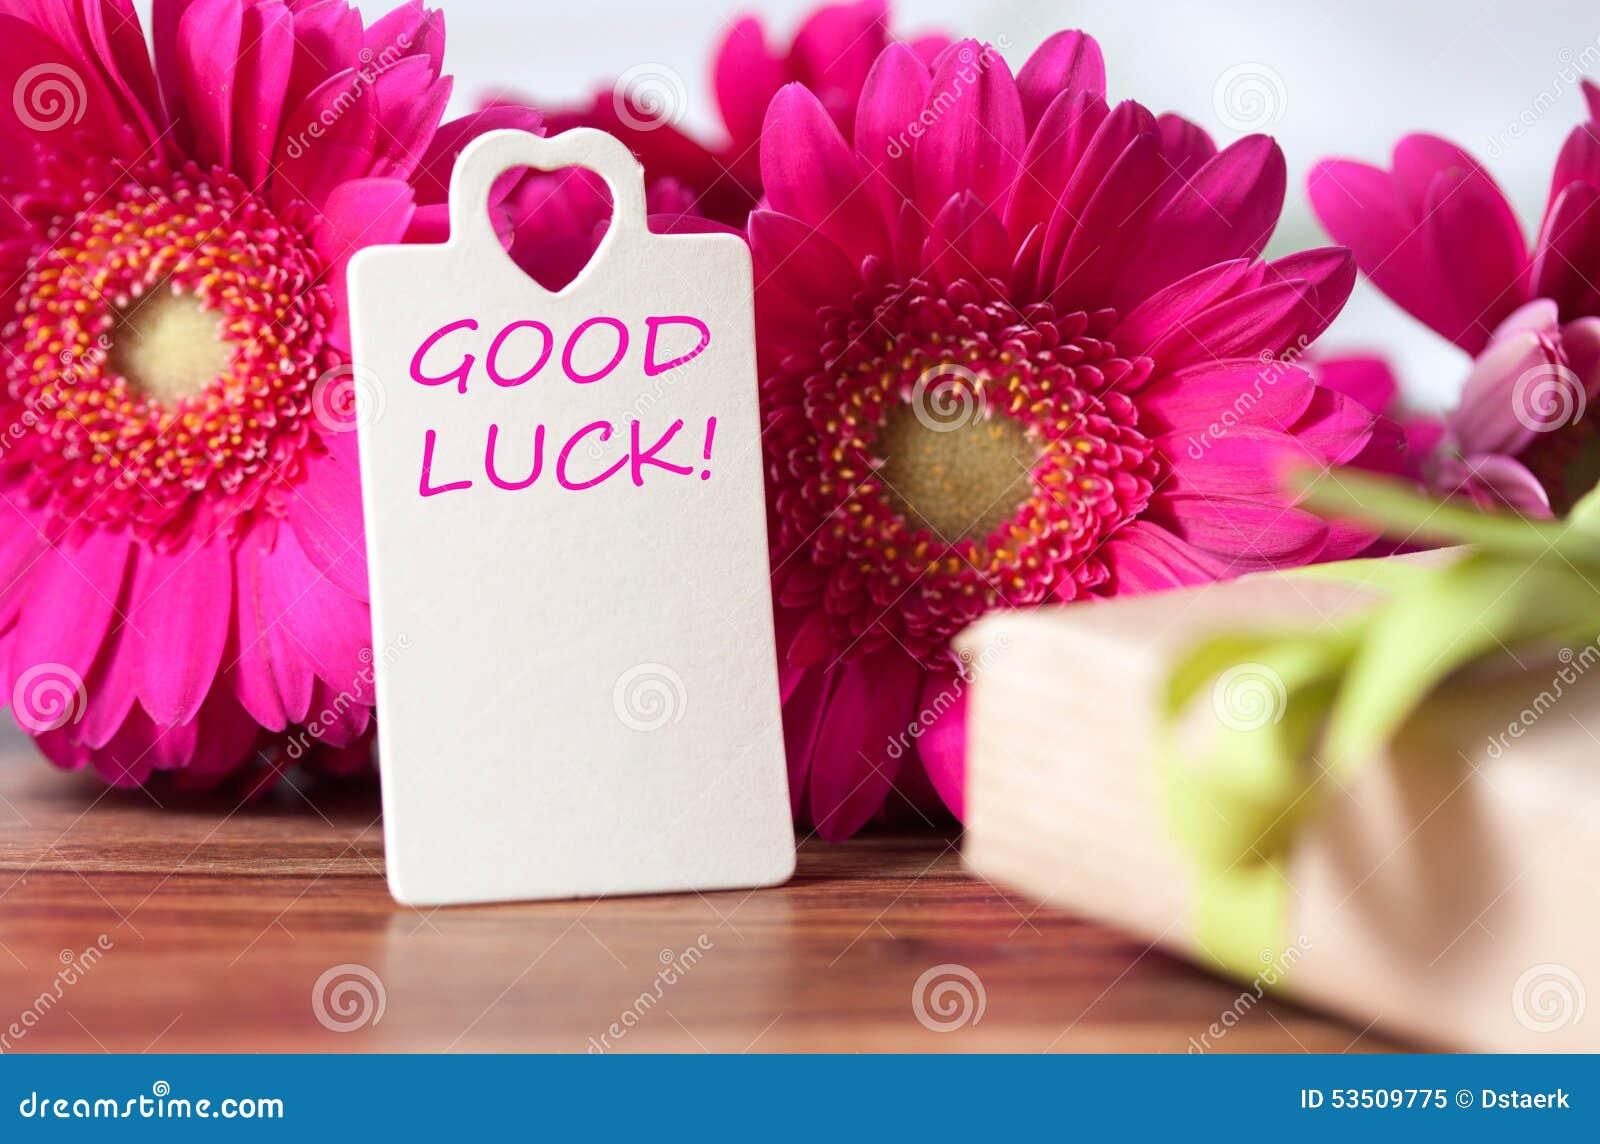 Good Luck Flower